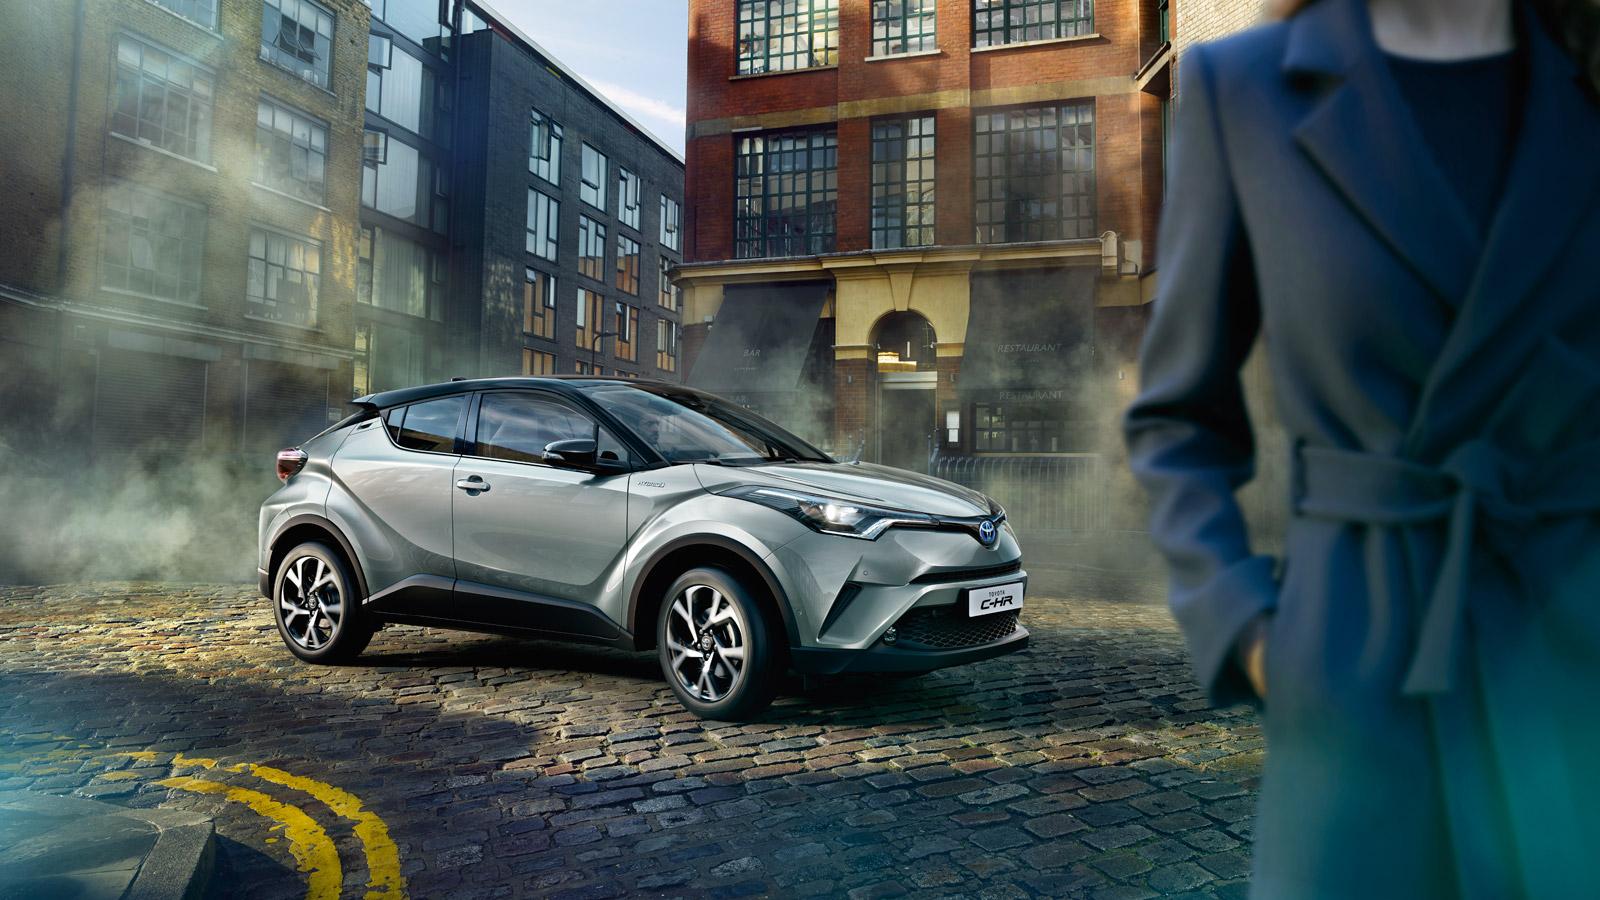 El nuevo Toyota C-HR, cuenta entre sus muchas virtudes, con un diseño exclusivo y futurista, un confort e marca y seguridad y unos consumos realmente espectaculares.